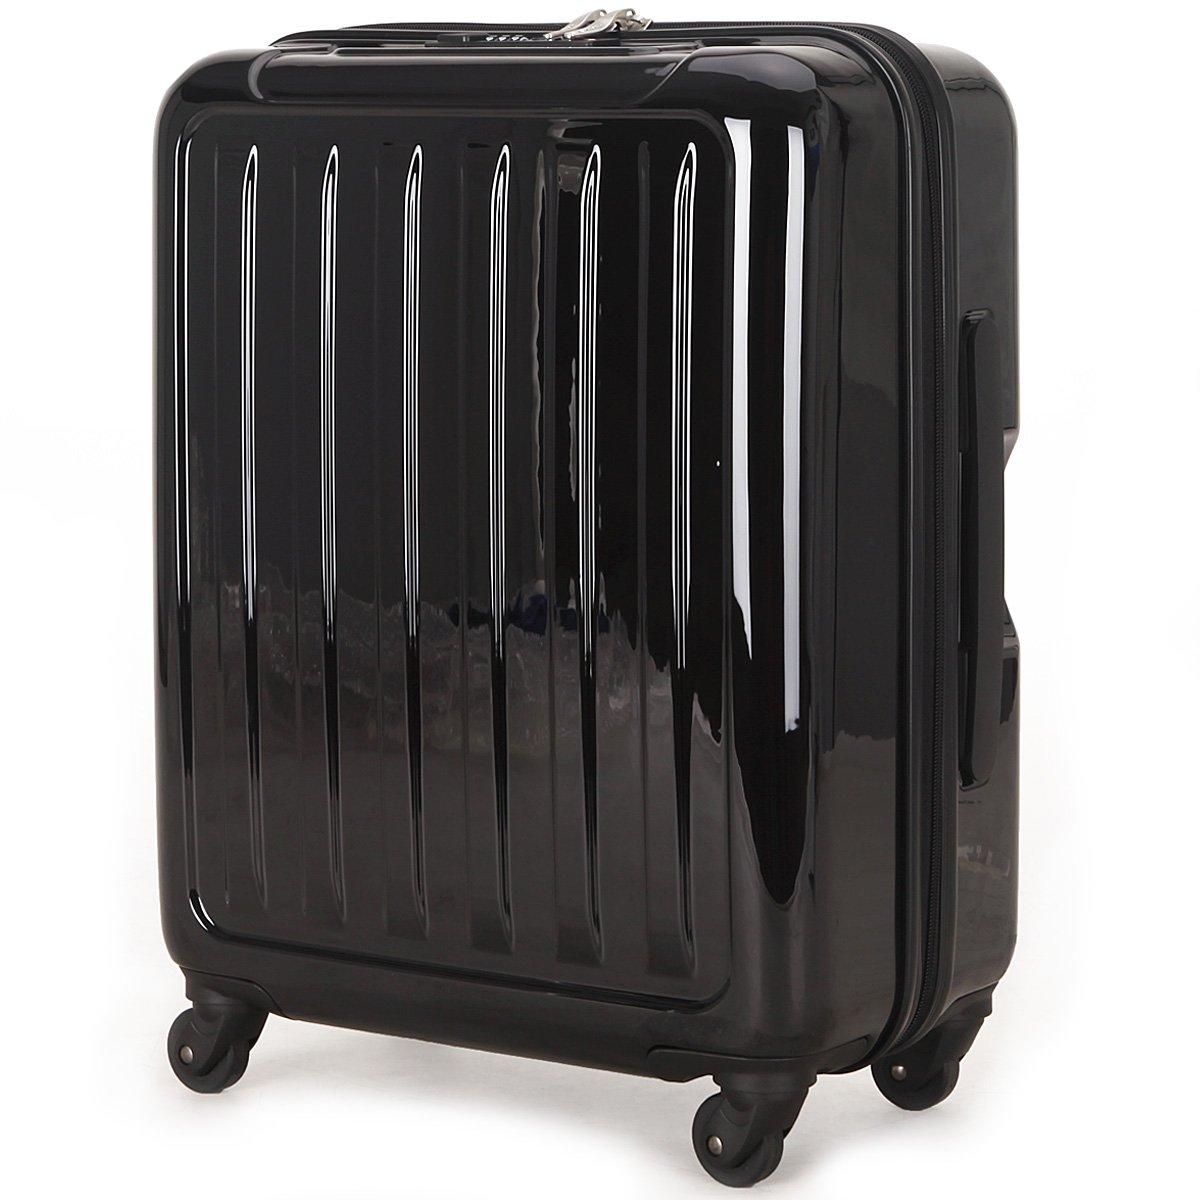 (ラッキーパンダ) Luckypanda 一年修理保証付 TY8048 スーツケース 機内持込 超軽量 40l 大容量 tsaロック B00YBV105S ブラック ブラック